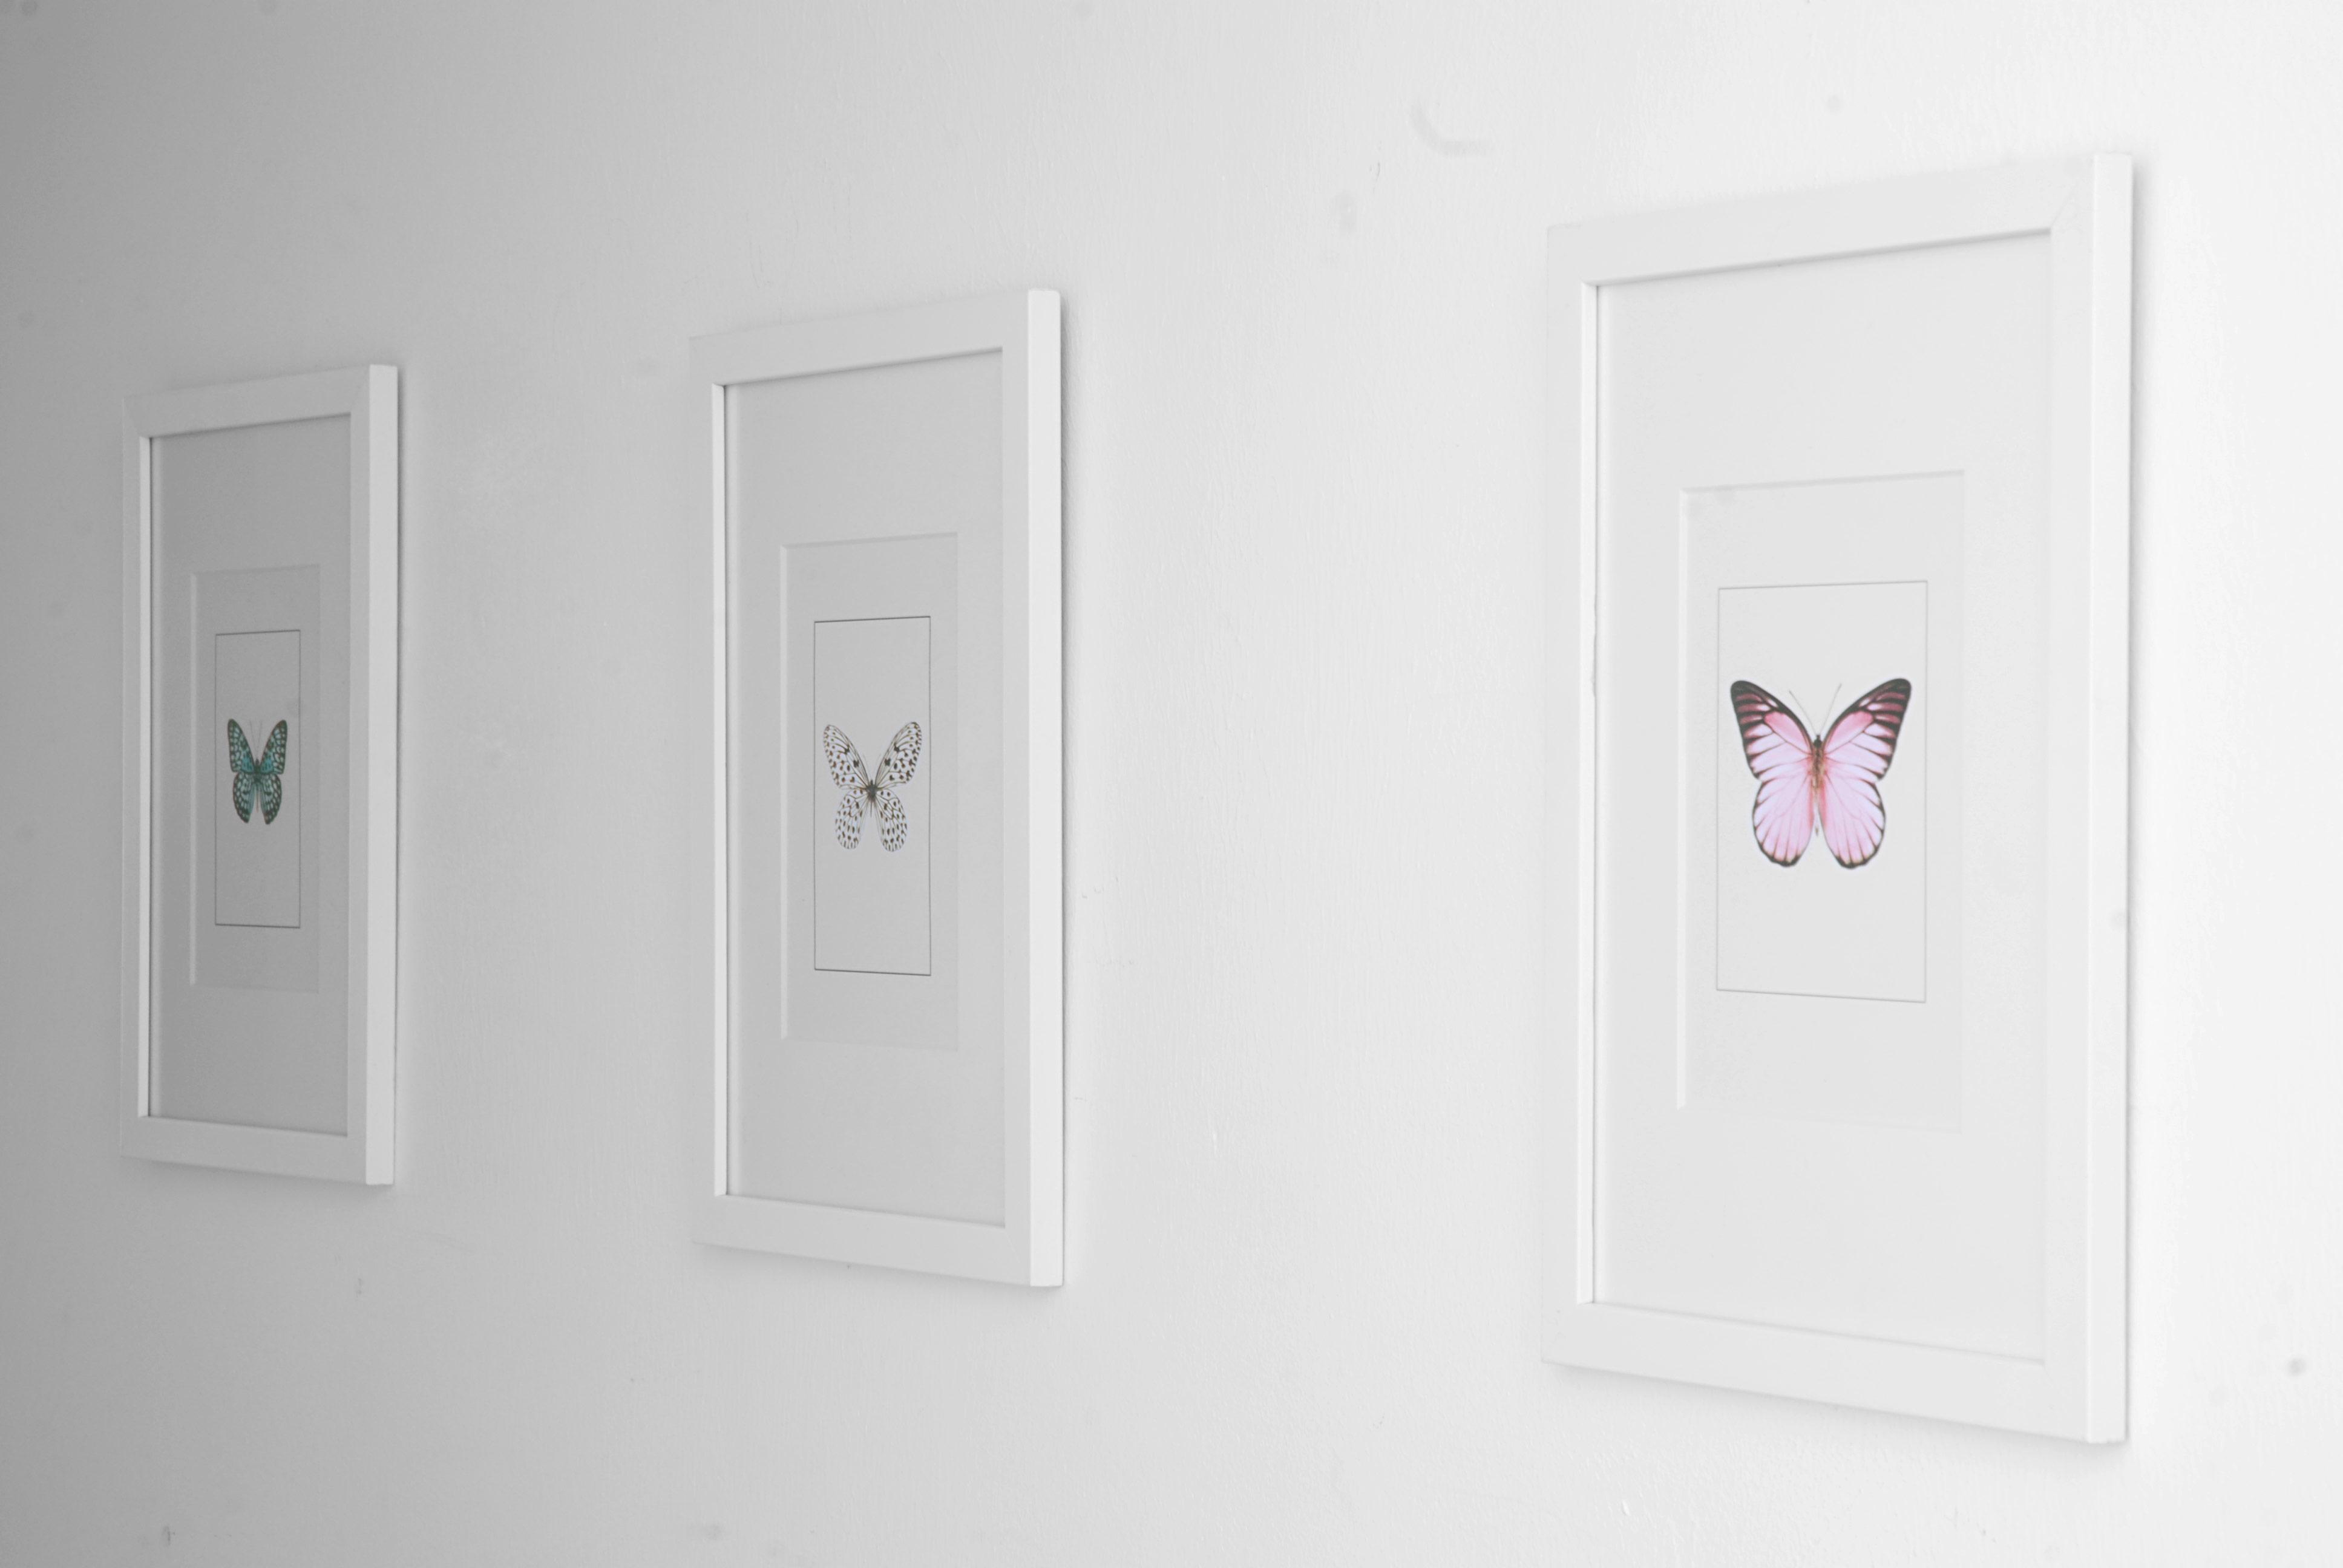 https://desenio.nl/nl/artiklar/posters/insecten-en-dieren/index.html